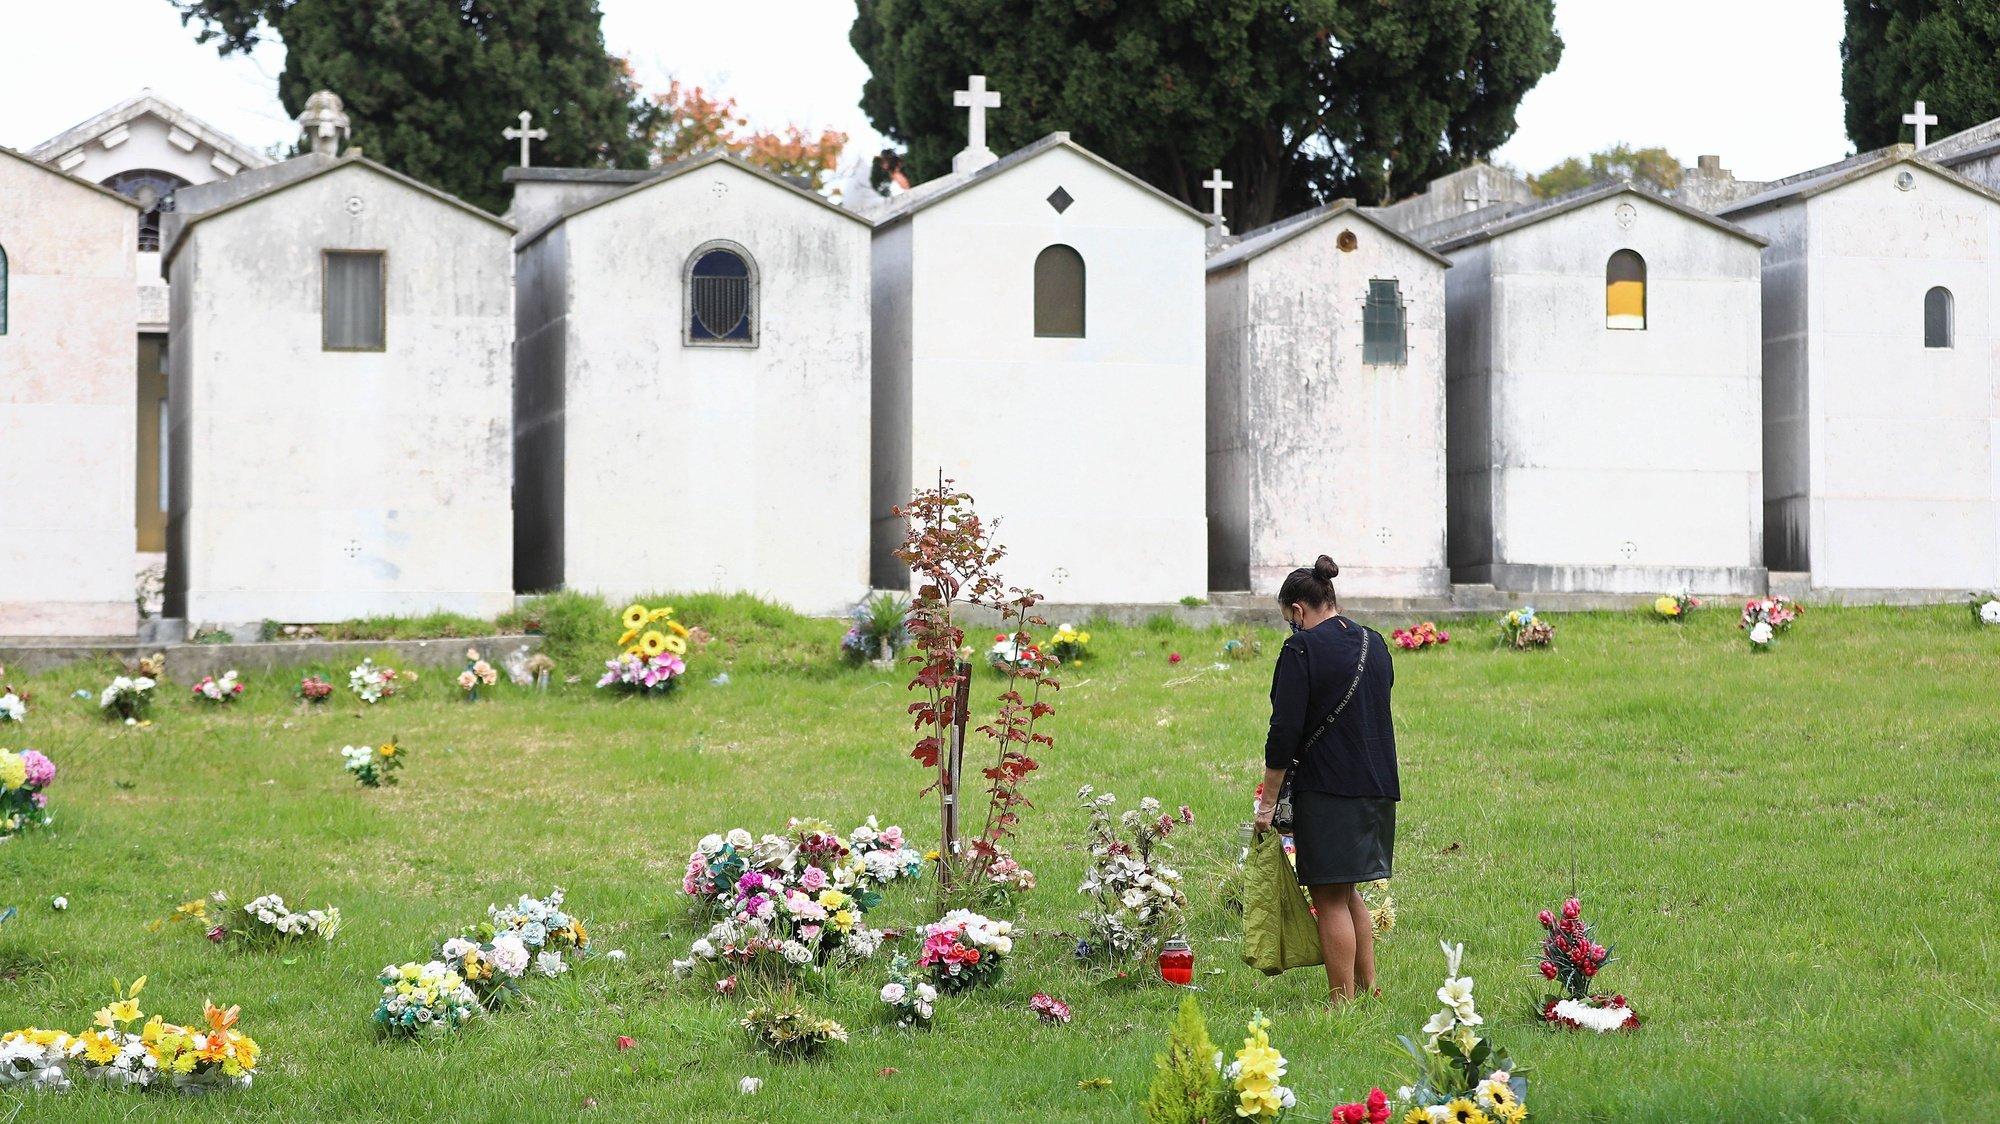 Uma mulher  presta homenagem a um familiar no cemitério de Benfica, no Dia de Todos os Santos, em Lisboa, 01 de novembro de 2020. Este ano, por causa da covid-19, o Governo decretou a proibição de circulação entre concelhos de 30 de outubro até dia 3 de Novembro, mas os cemitérios de Lisboa mantêm-se abertos, com algumas restrições, como o uso de máscara e o controlo de entradas. ANTÓNIO PEDRO SANTOS/LUSA